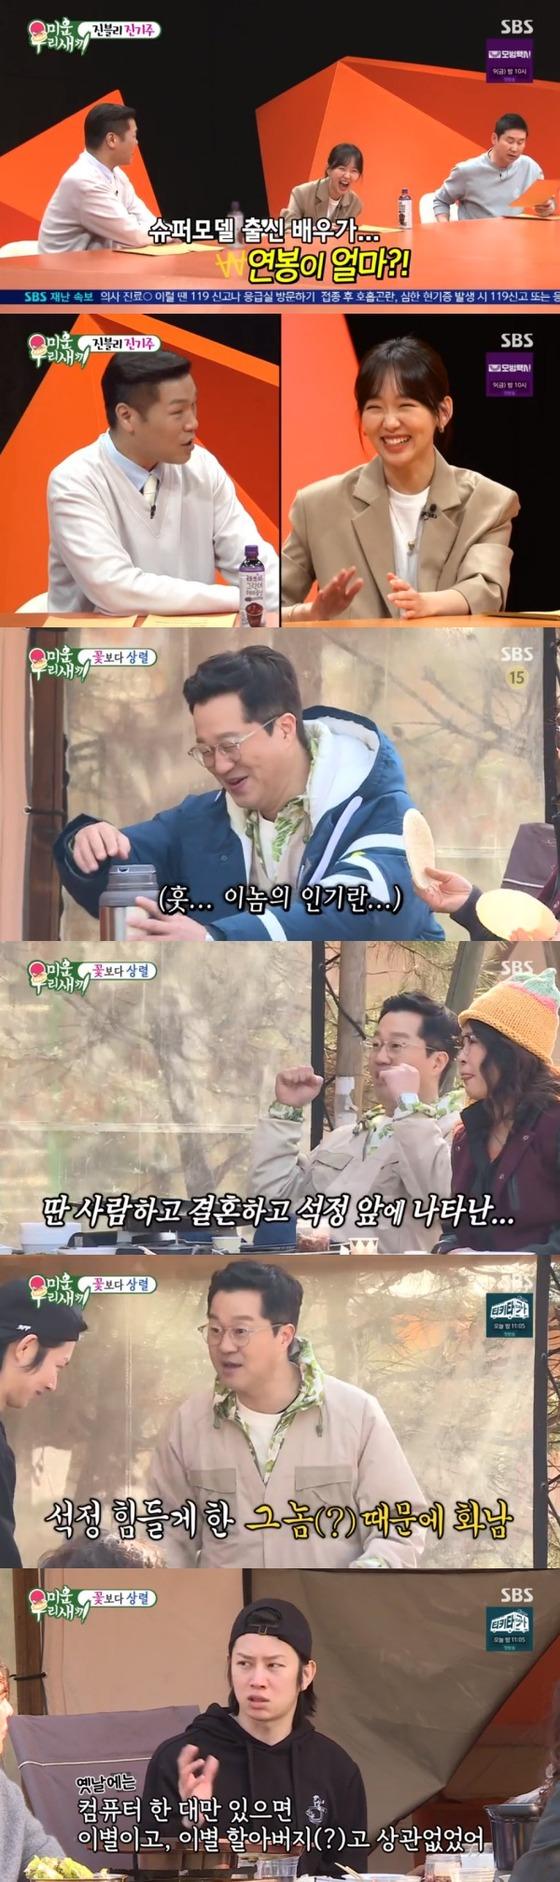 """'미우 새'황석정 """"친구의 결혼식에 갔던 남자 친구, 결혼식이 나왔다""""(일반)"""